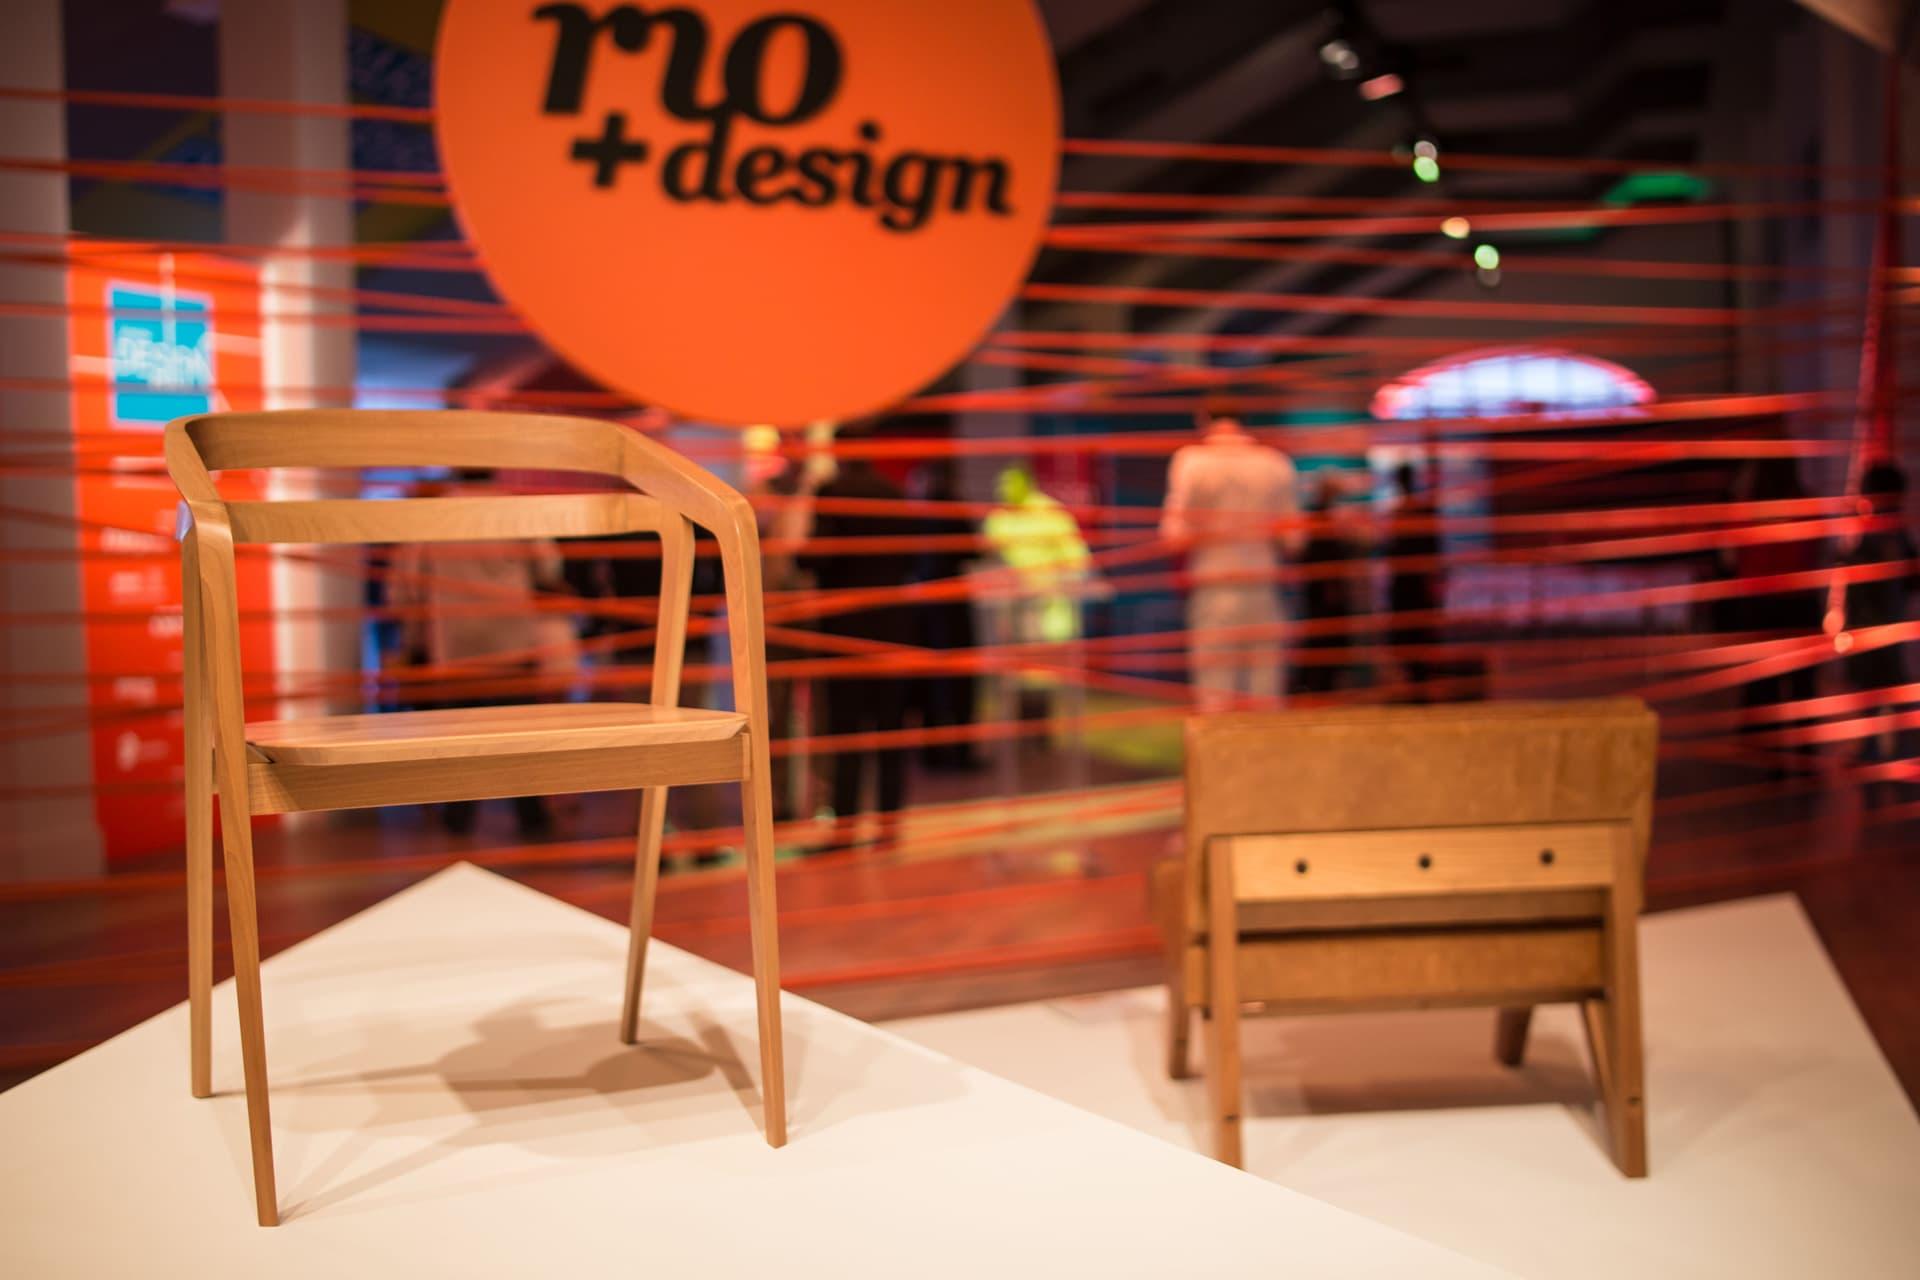 rio+design_capimfilmes_41